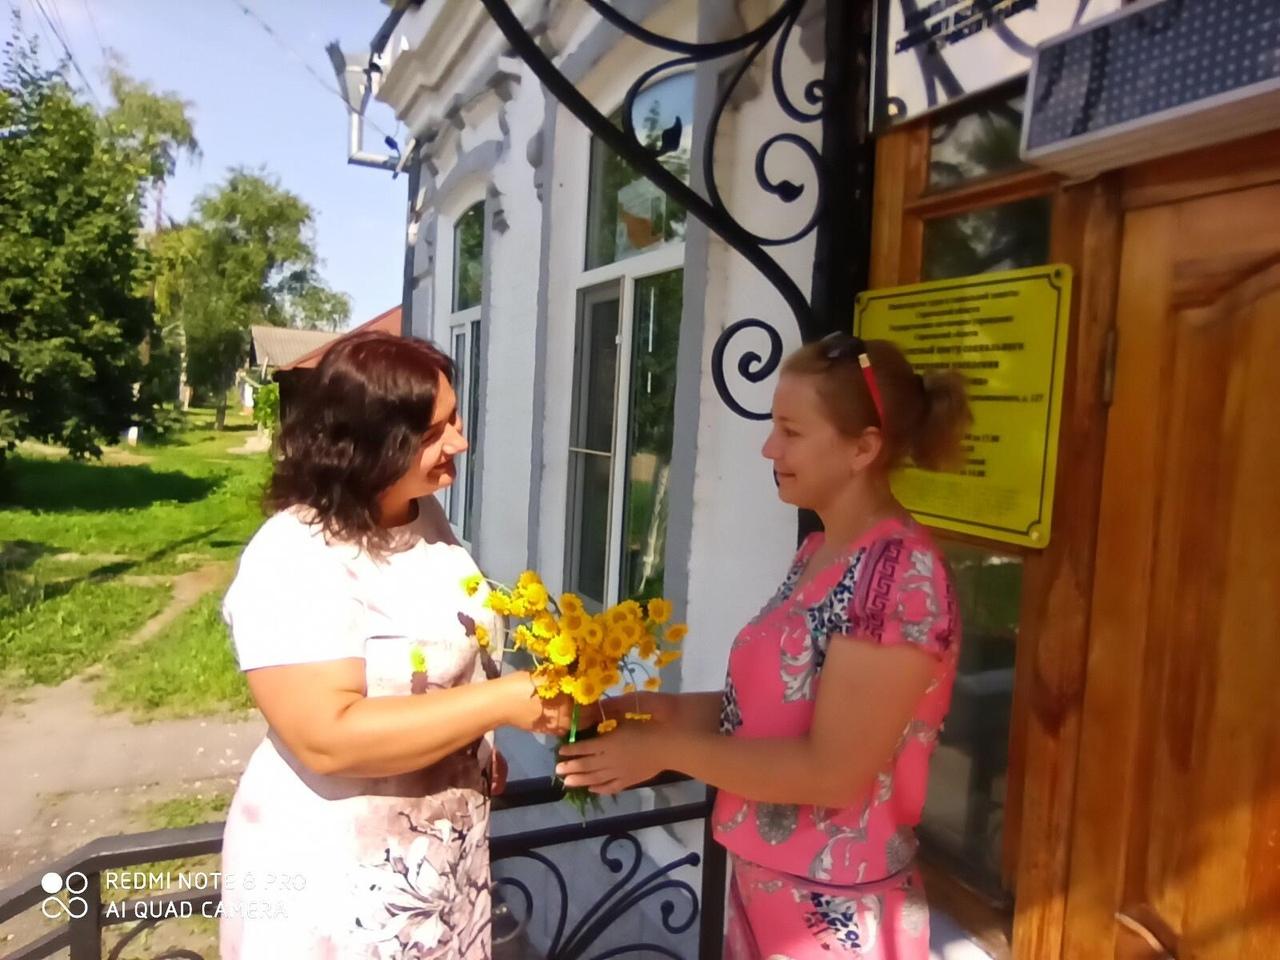 Центр социального обслуживания населения Петровского района проводит мероприятия, посвящённые Дню семьи, любви и верности